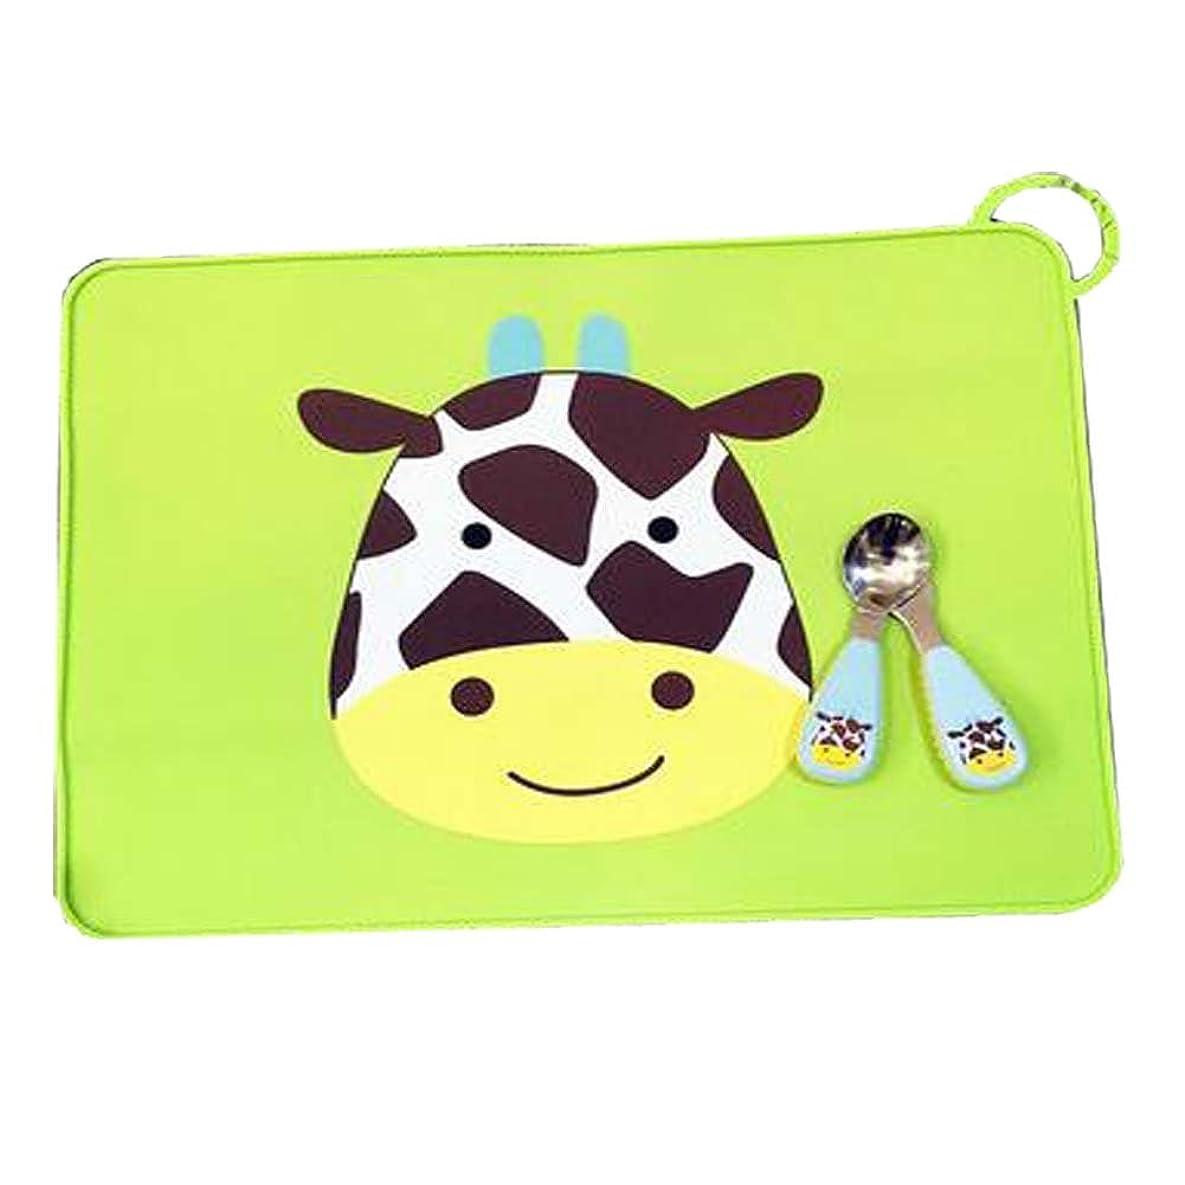 エキスパートバンジョー金曜日古典的な牛のパターンスタイルPlacemats/子供用テーブルマット/グリーン